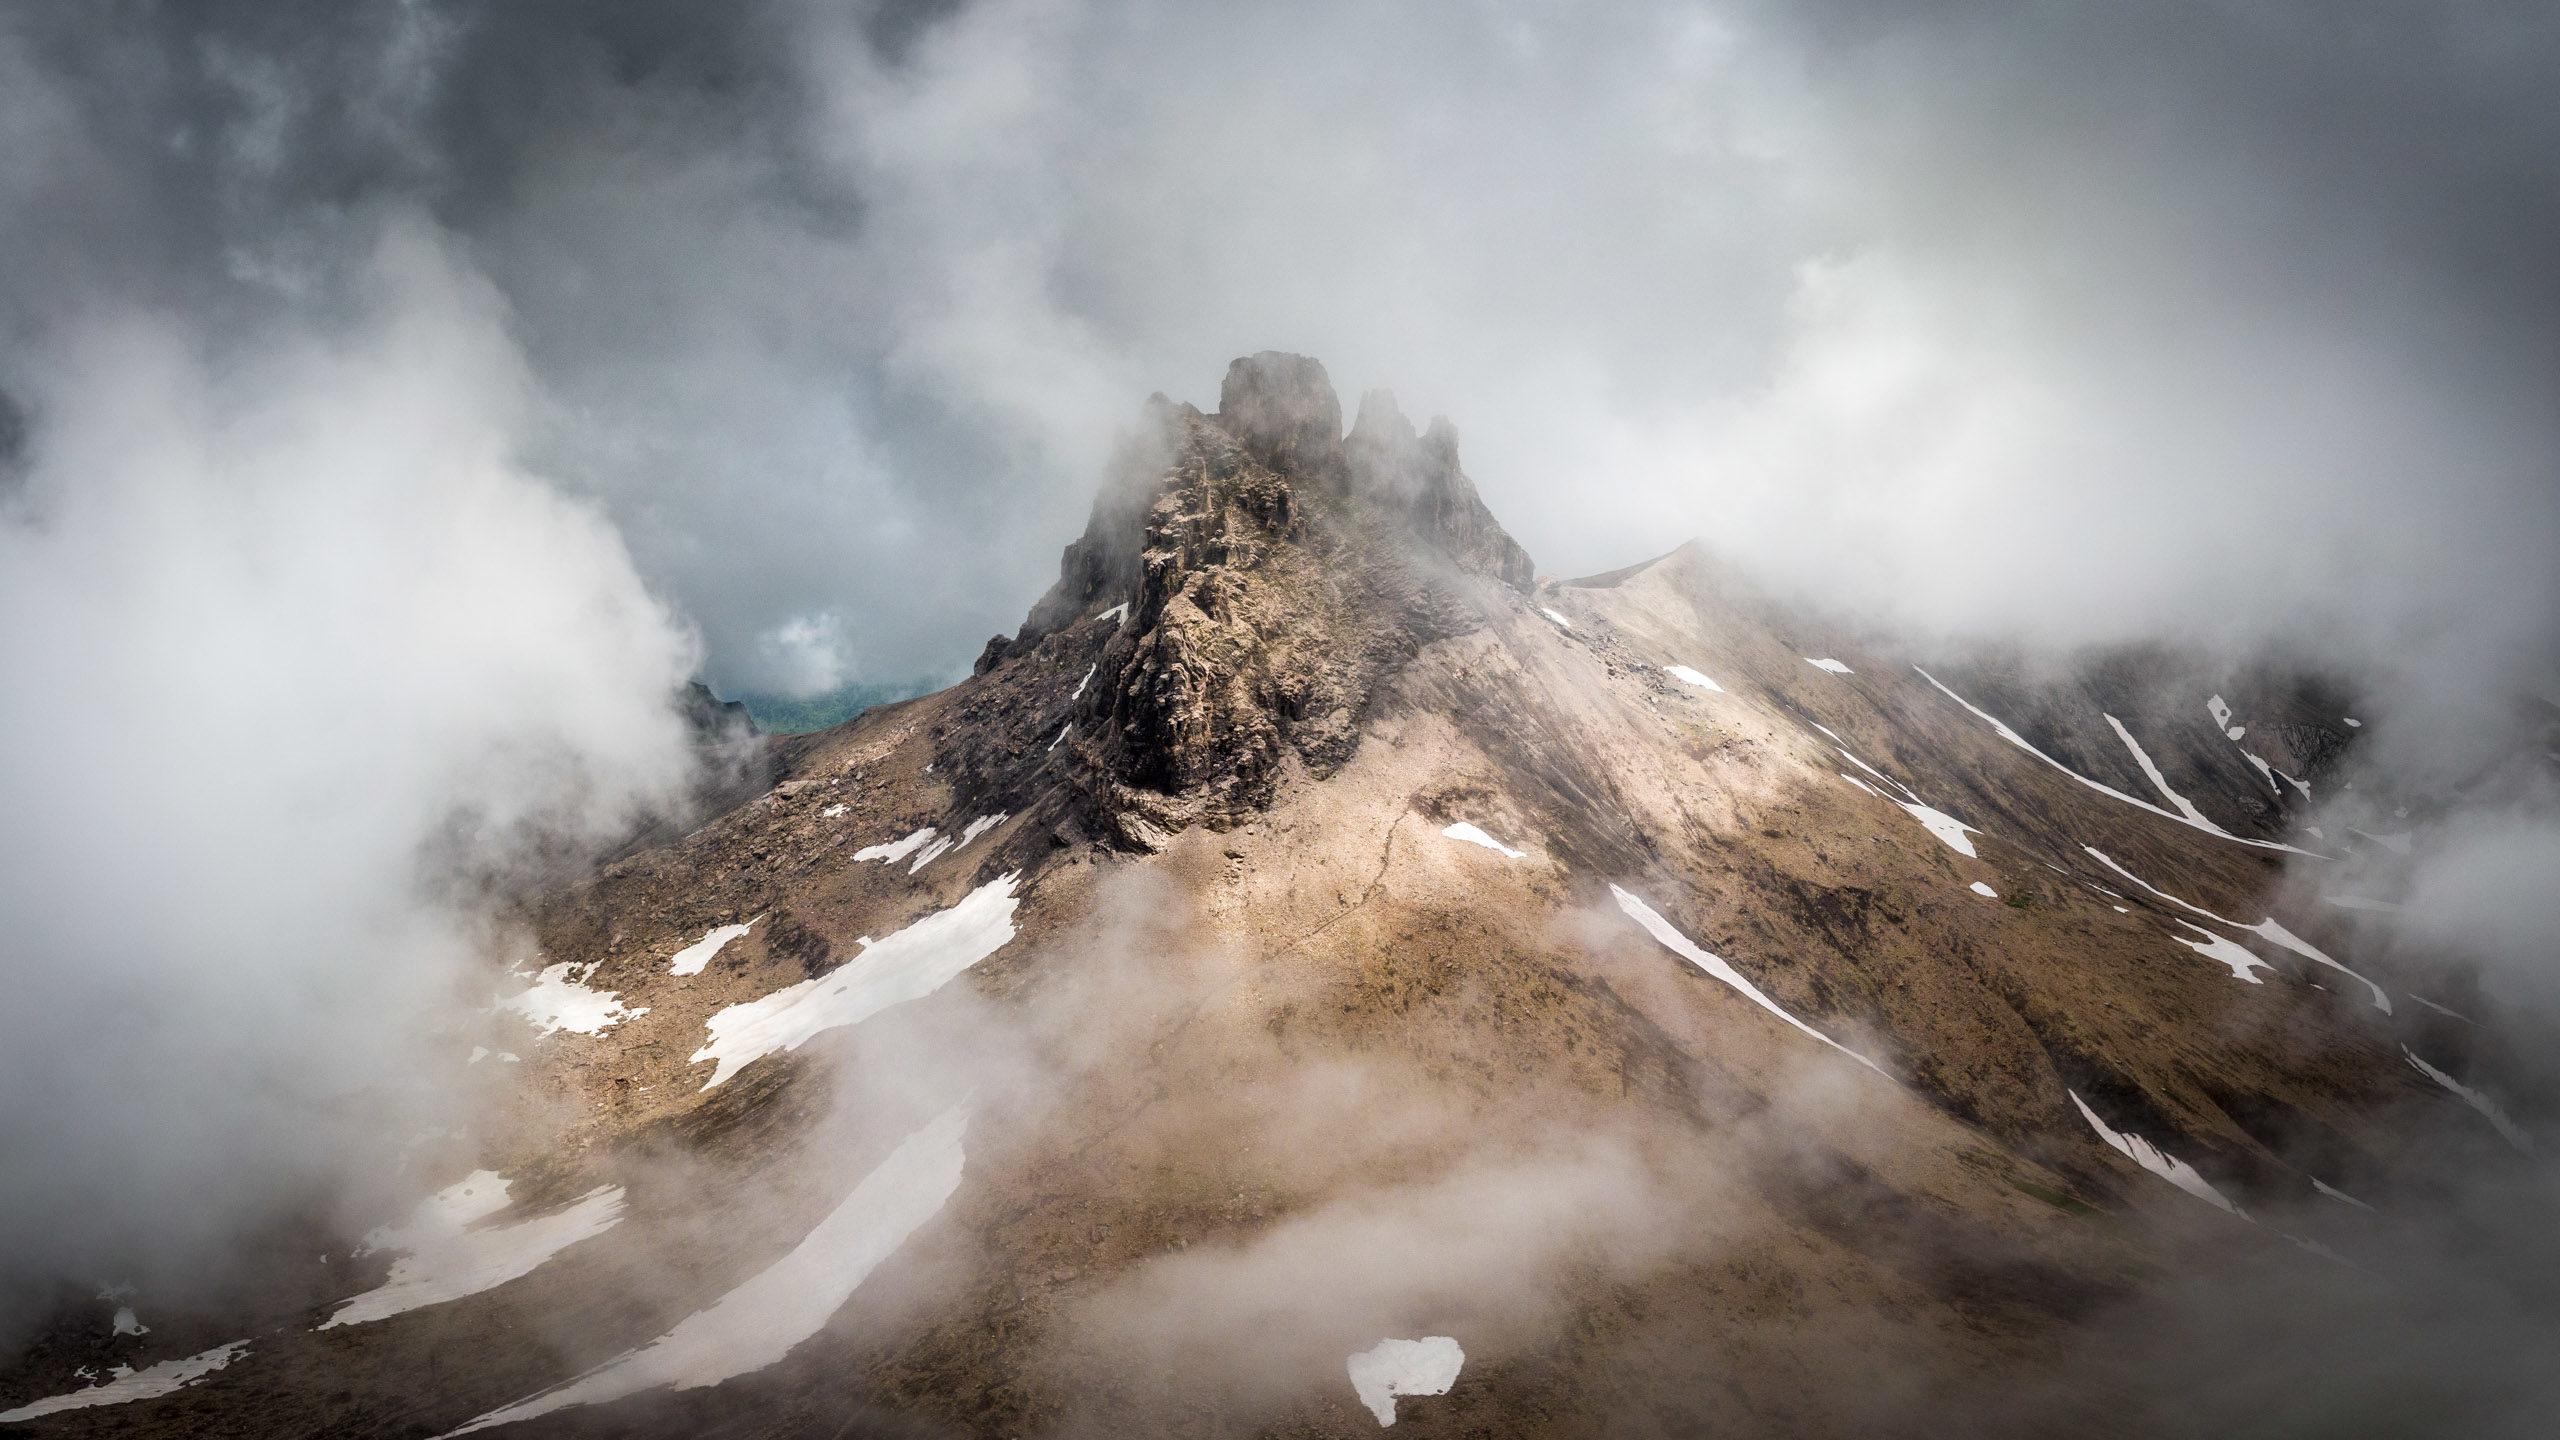 Panoramic aerial photograph of the Tschingellochtighorn in Switzerland